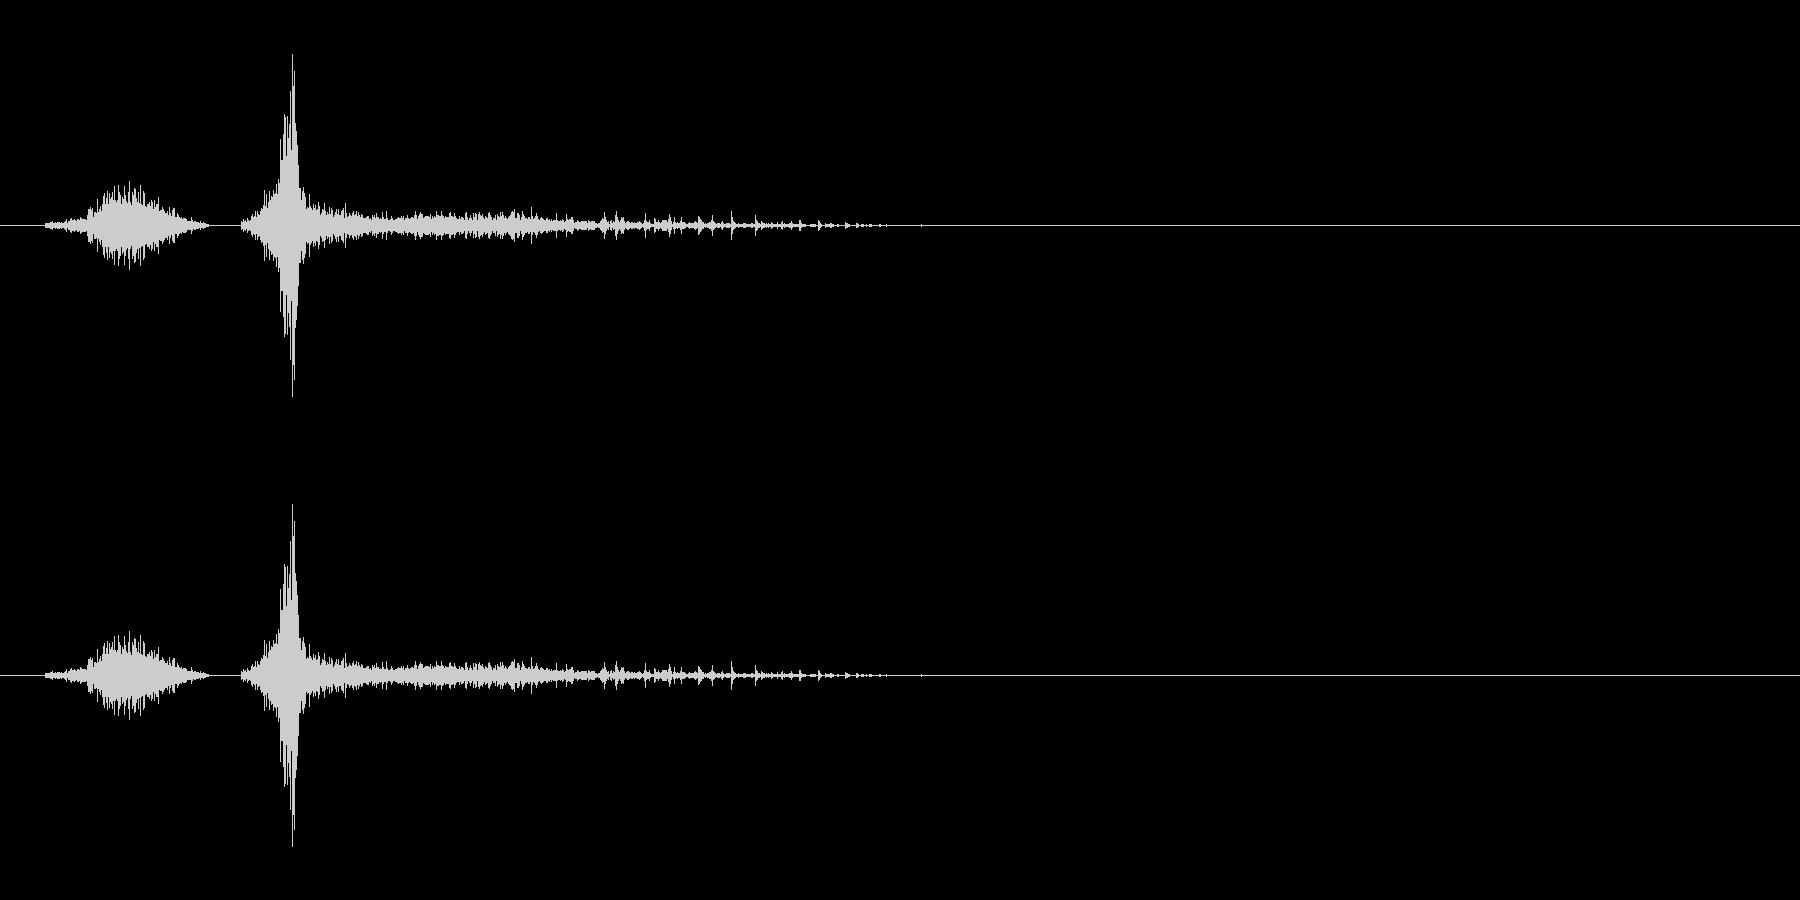 「スシャ〜!」木製シェイカーの振り音の未再生の波形